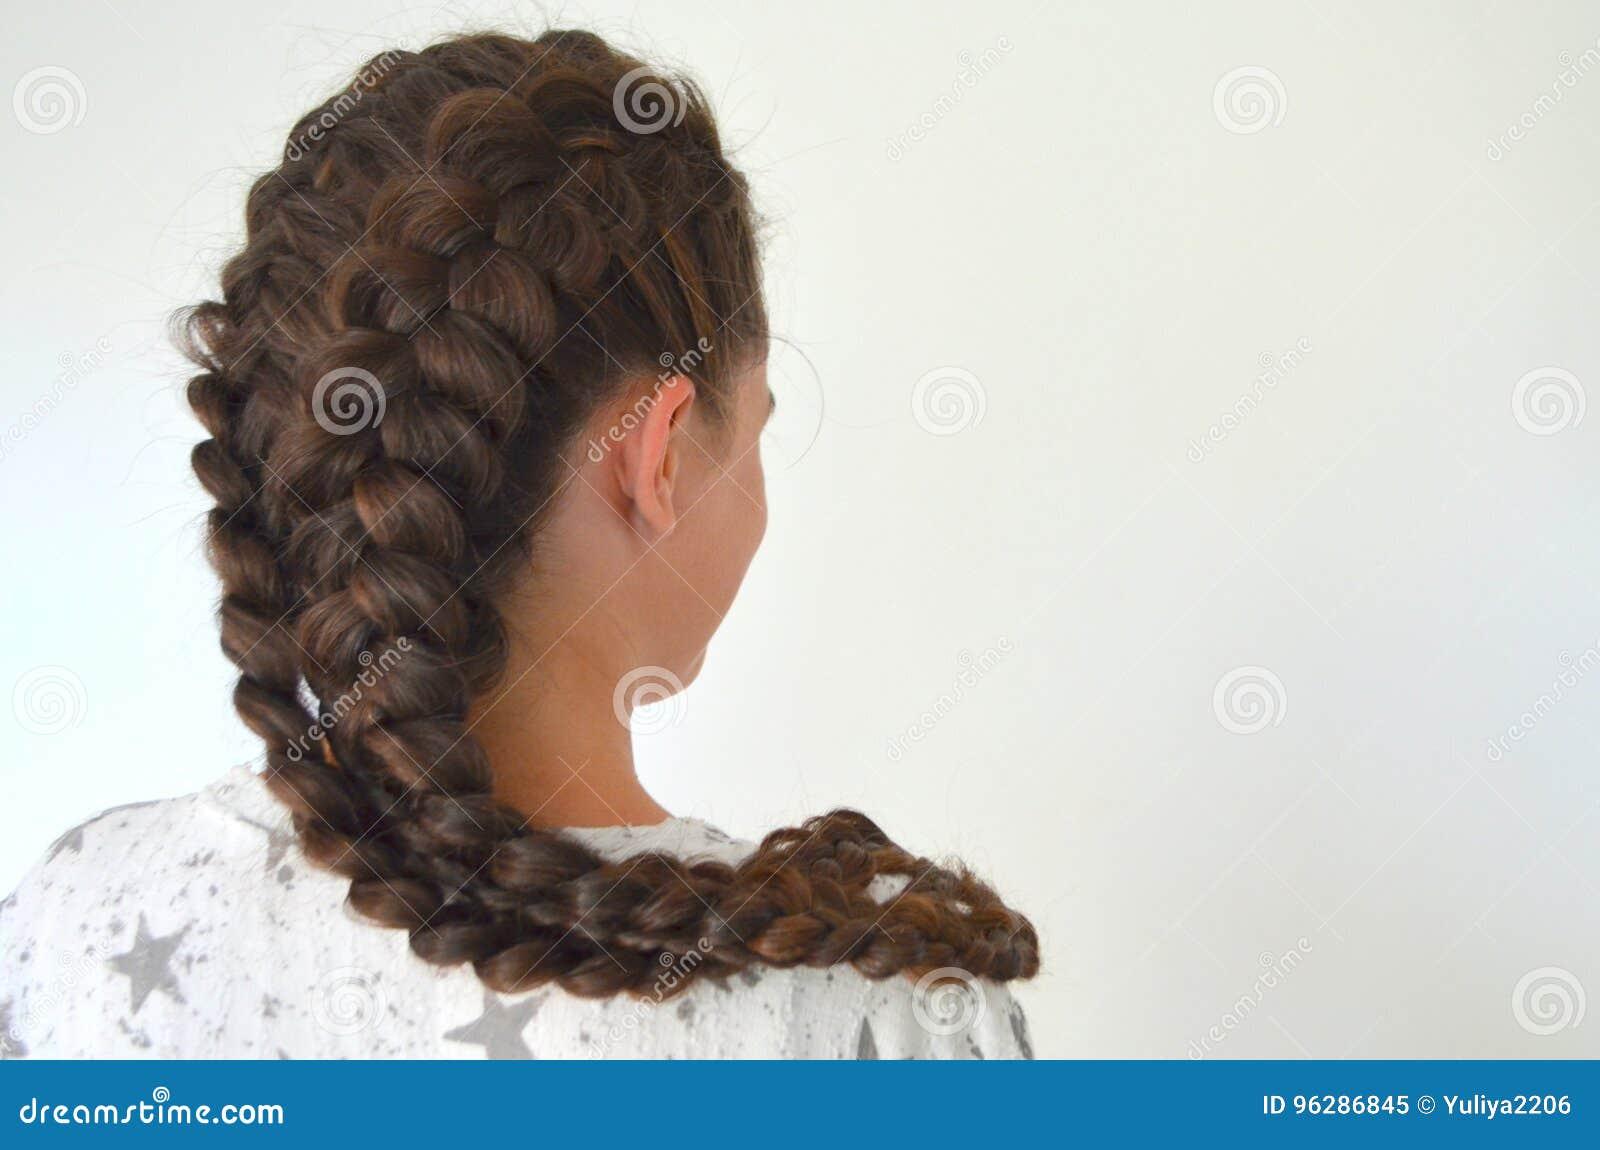 zöpfe für lange haare